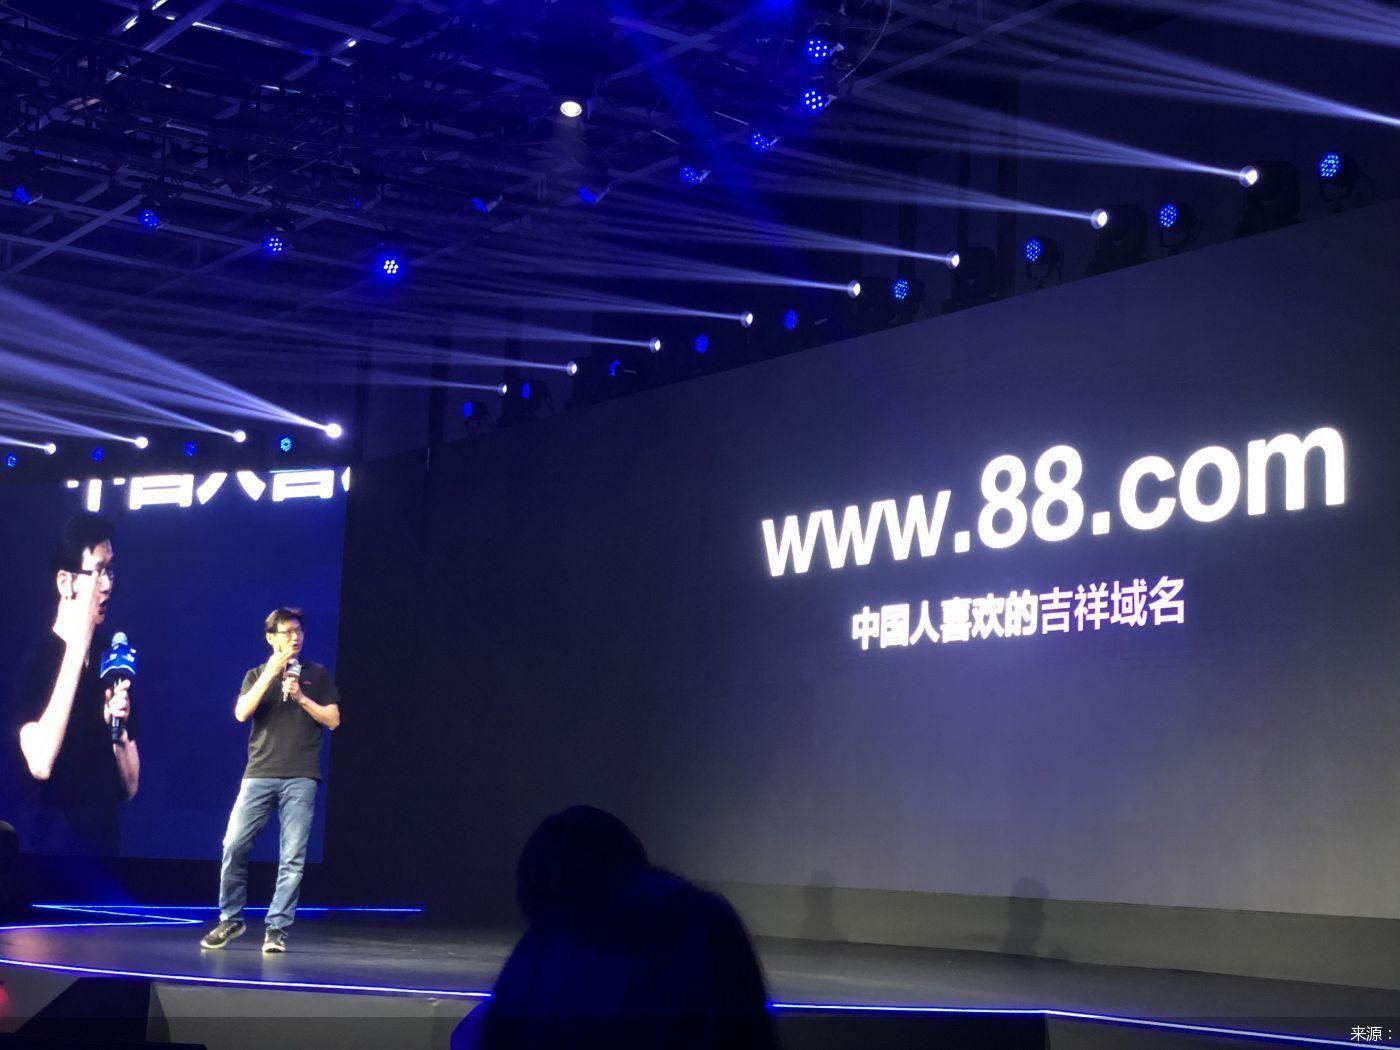 """布局商务市场,完美世界推出新品牌""""88""""及邮箱产品"""